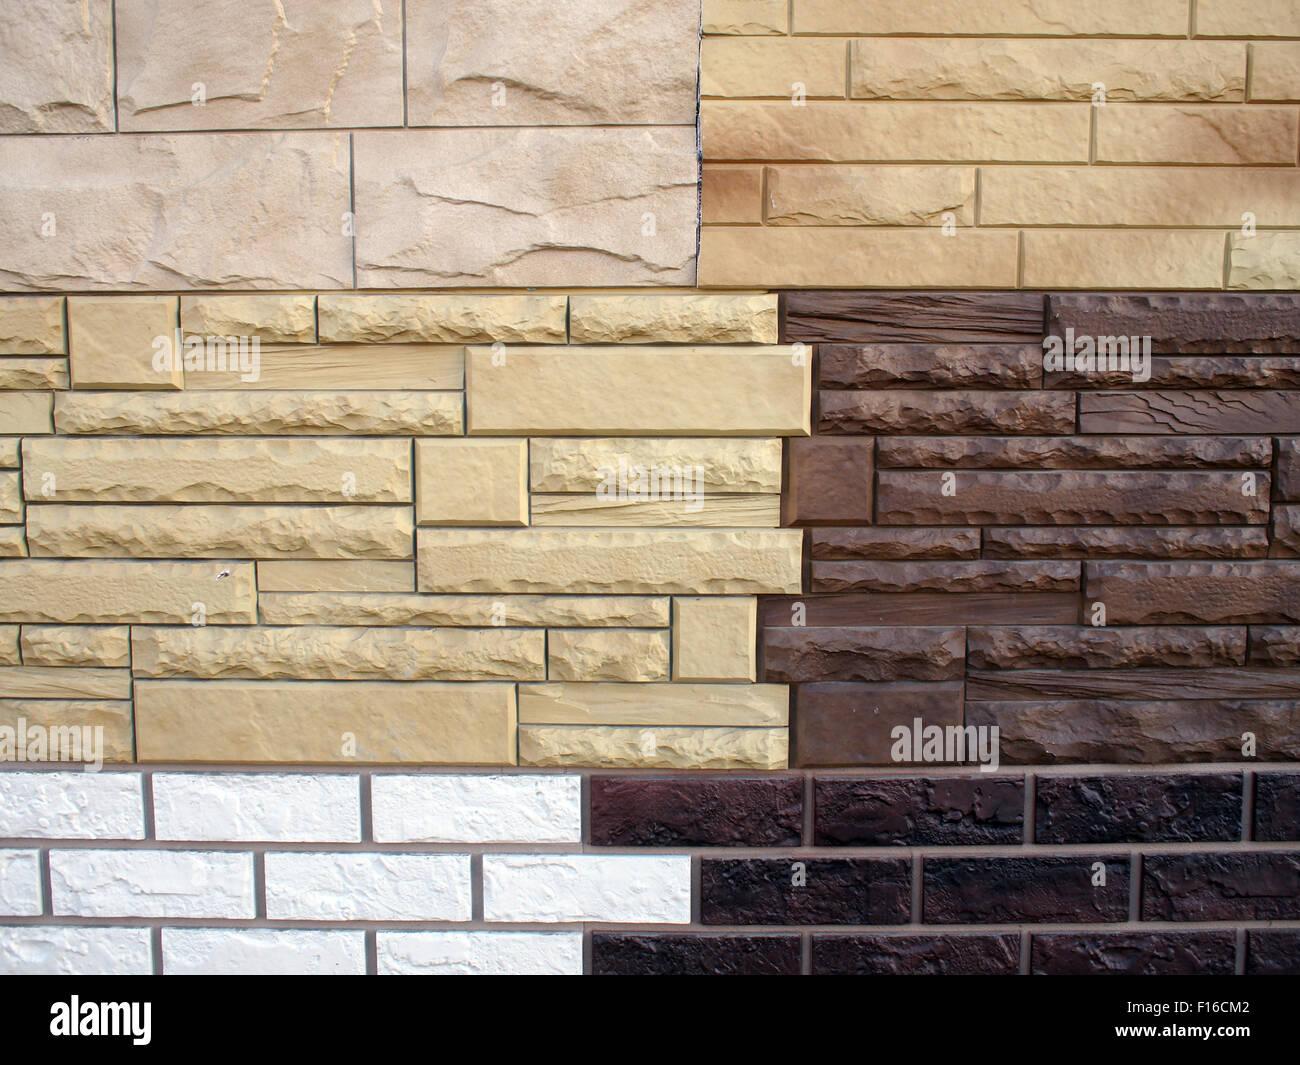 Diversi tipi di superficie artificiale che imita la pietra naturale